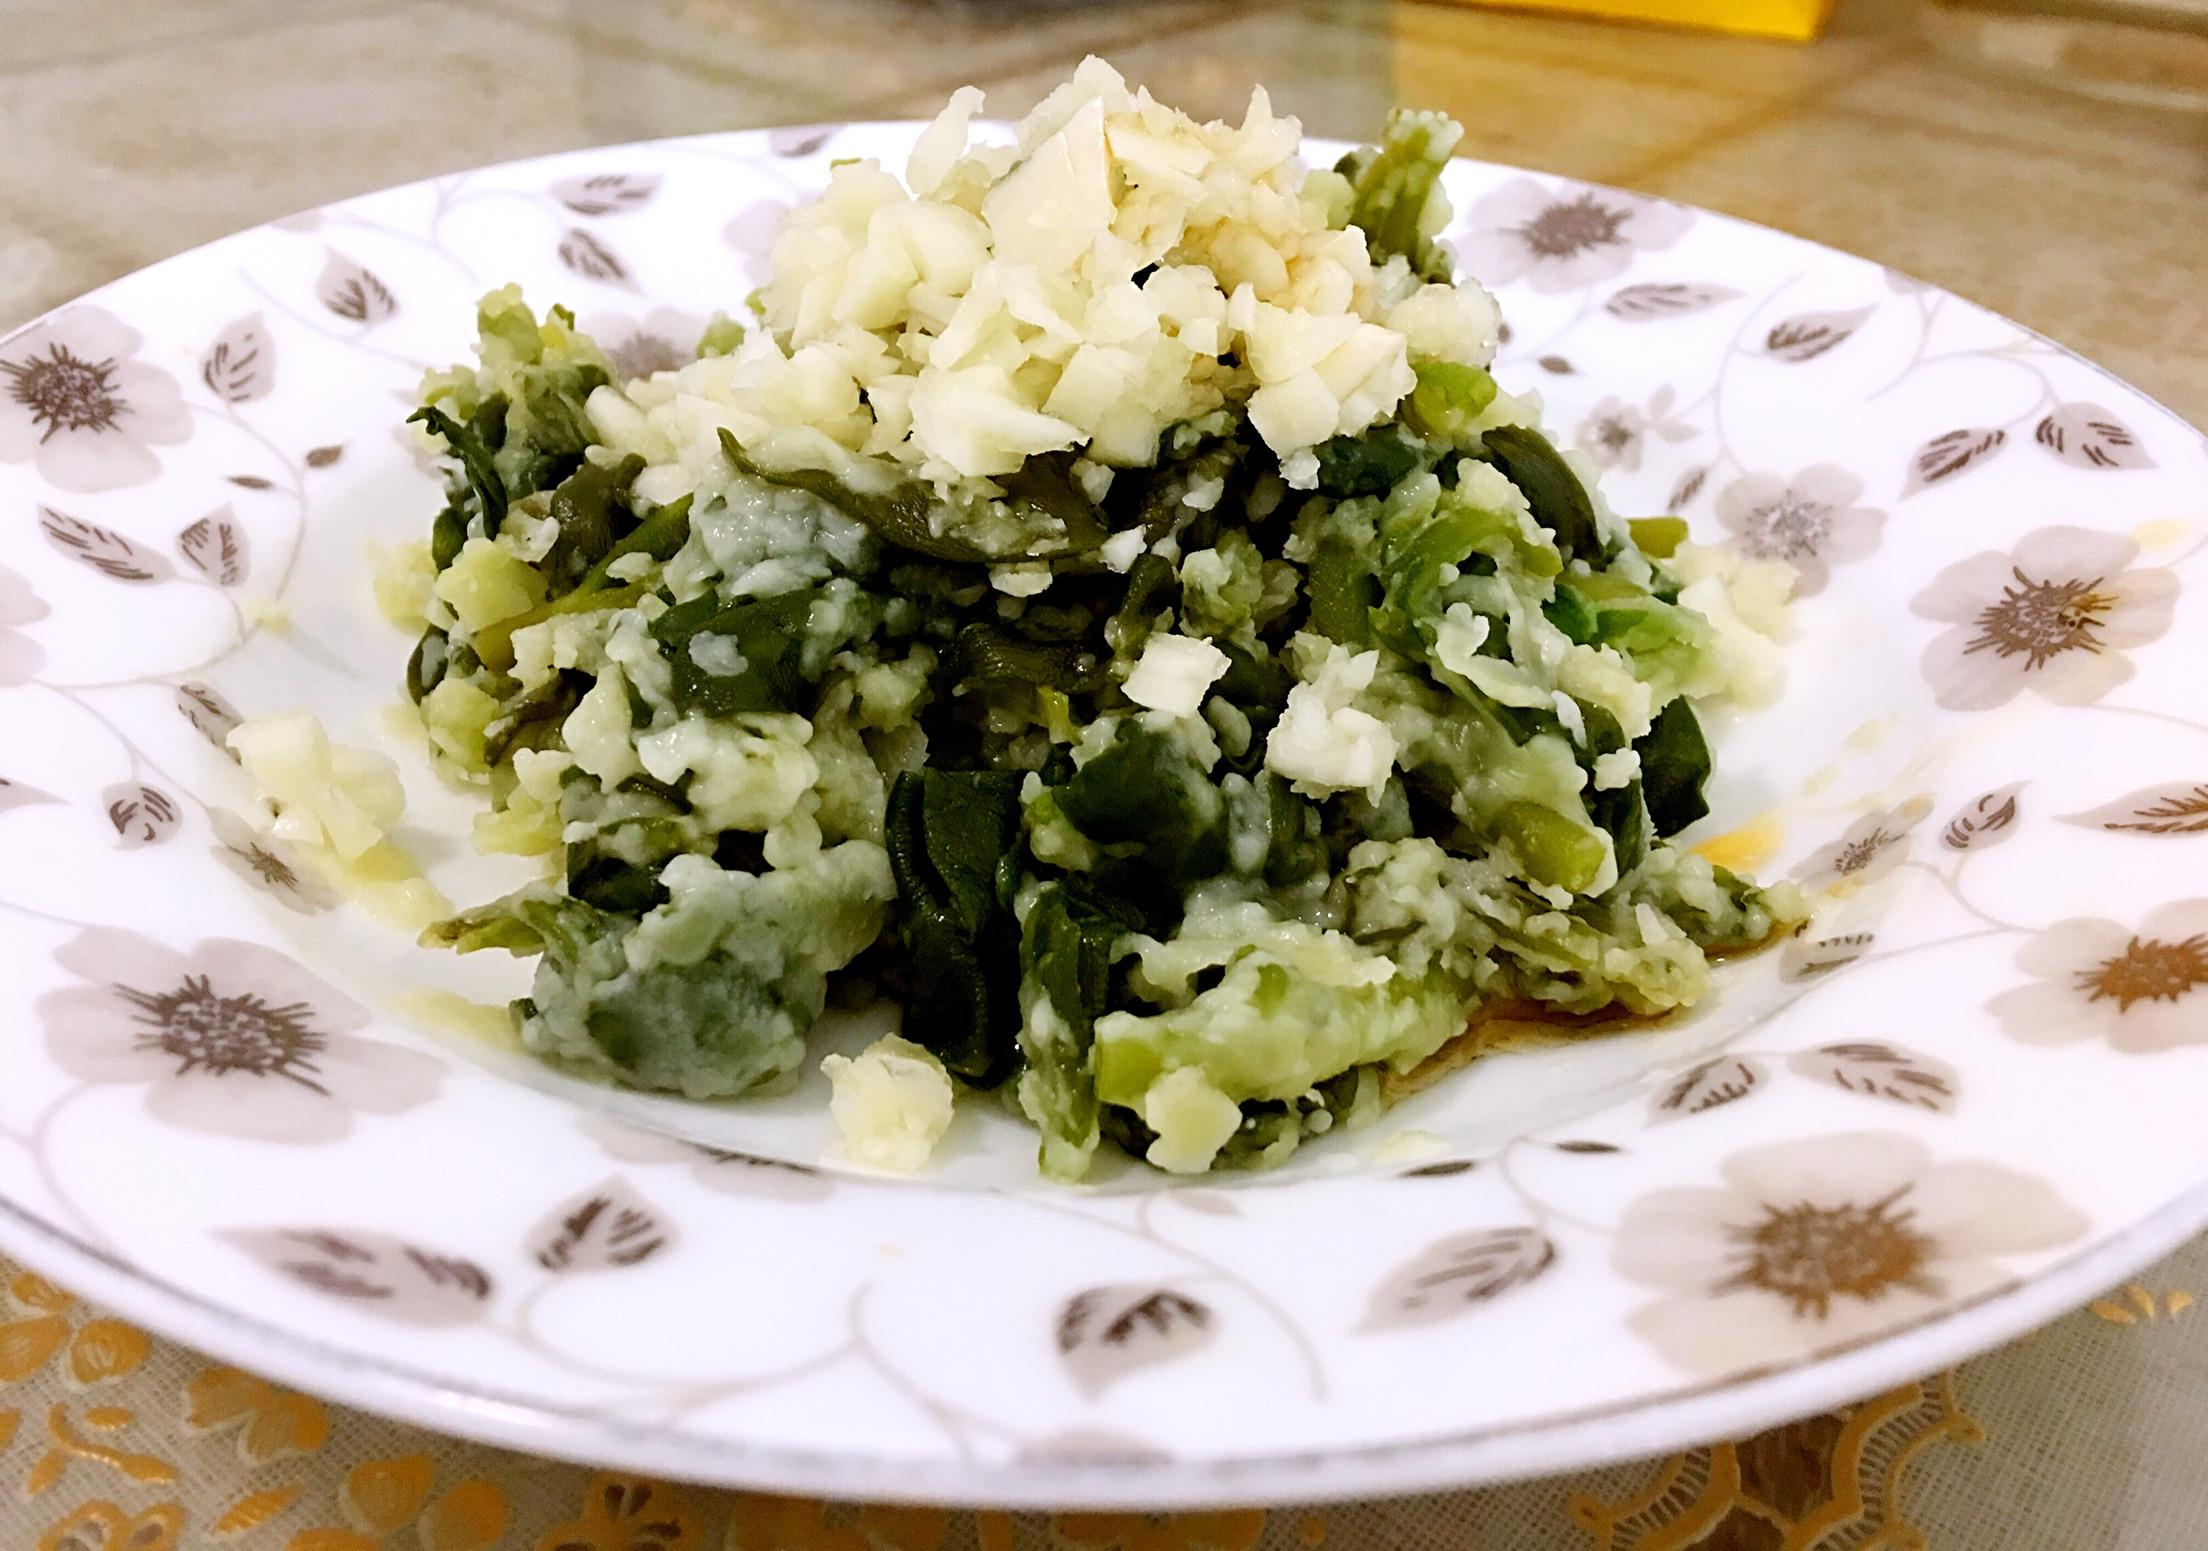 盐1克 香蒜碎少许 芝麻香油少许 家常蒸菜的做法步骤        本菜谱的